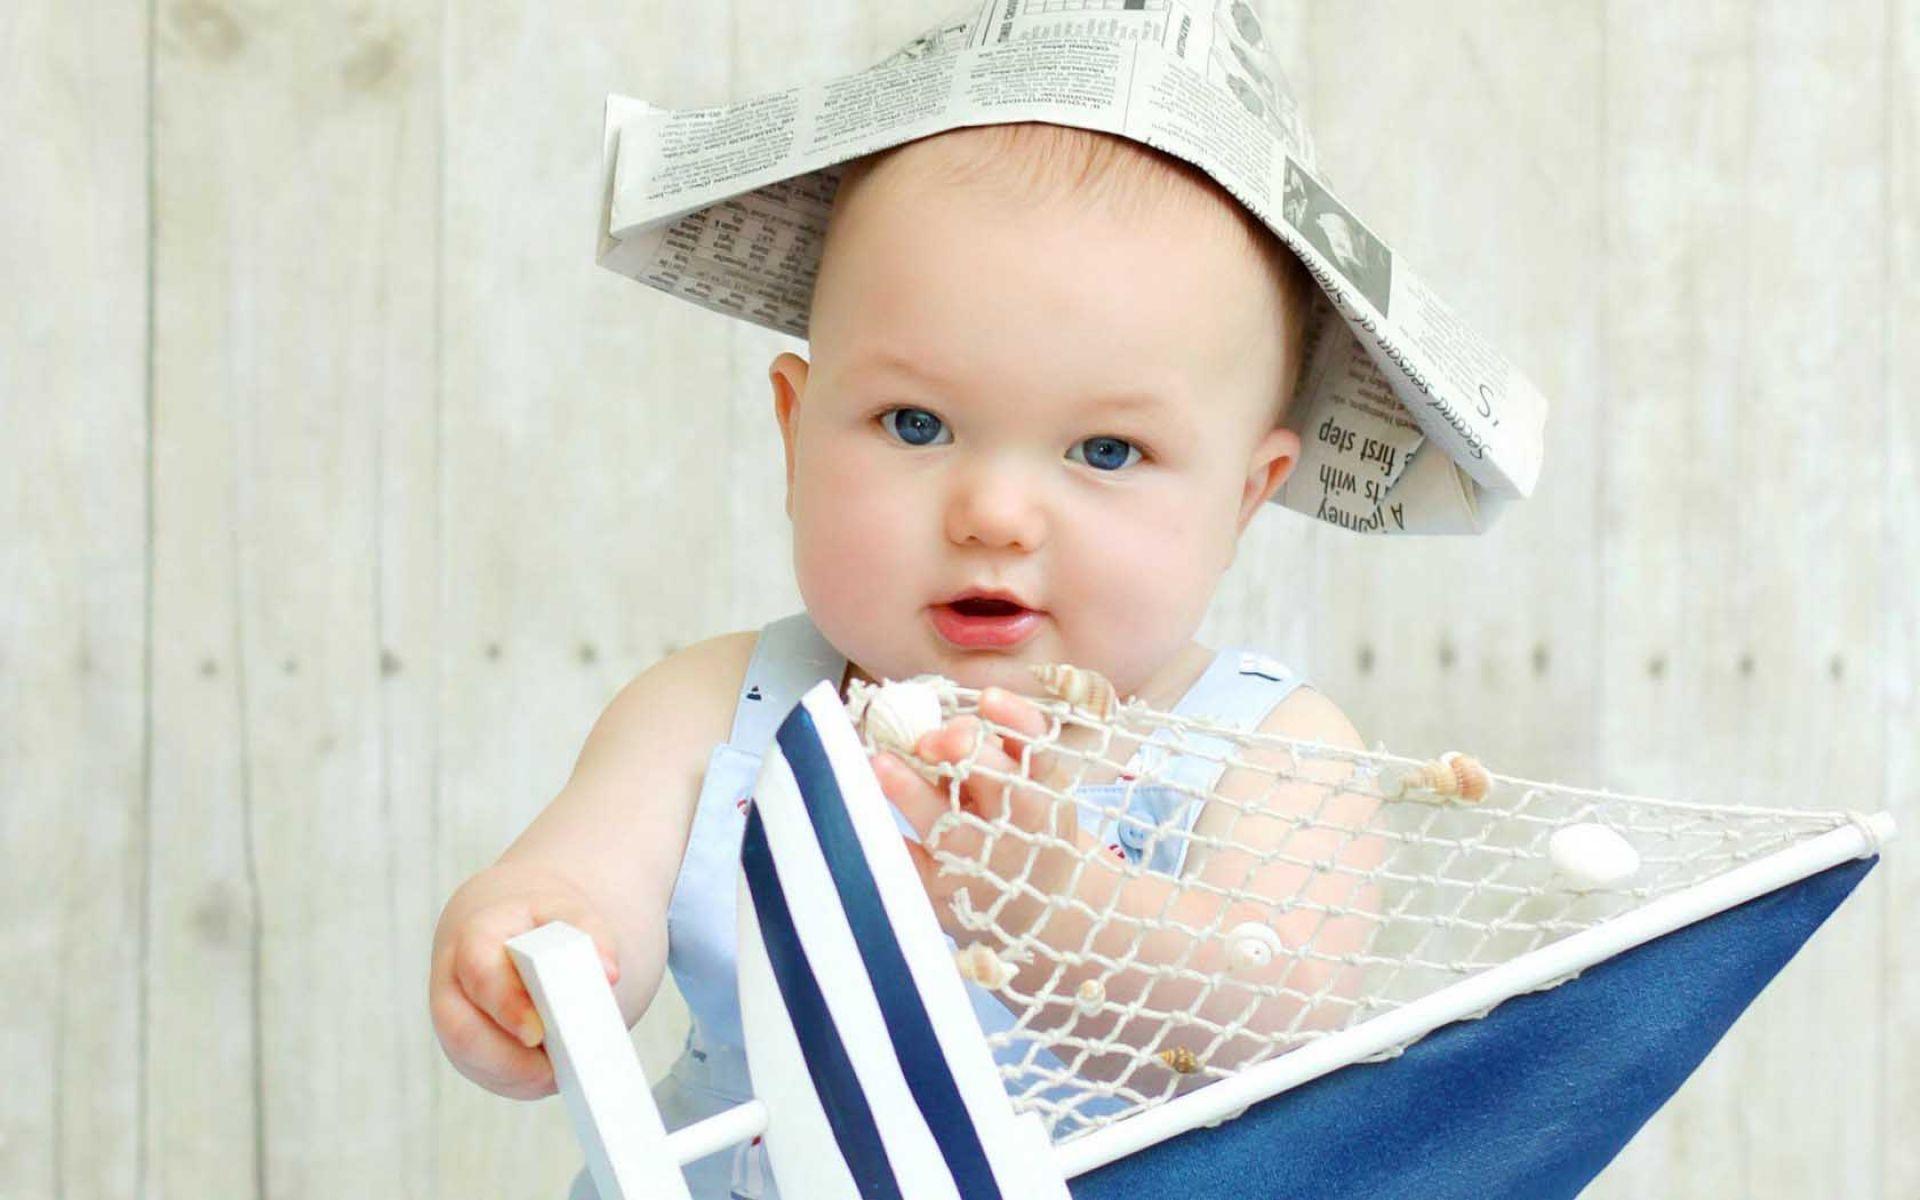 بالصور احلى الصور للاطفال الصغار , شاهد احلى الصور للاطفال الصغار 3848 7